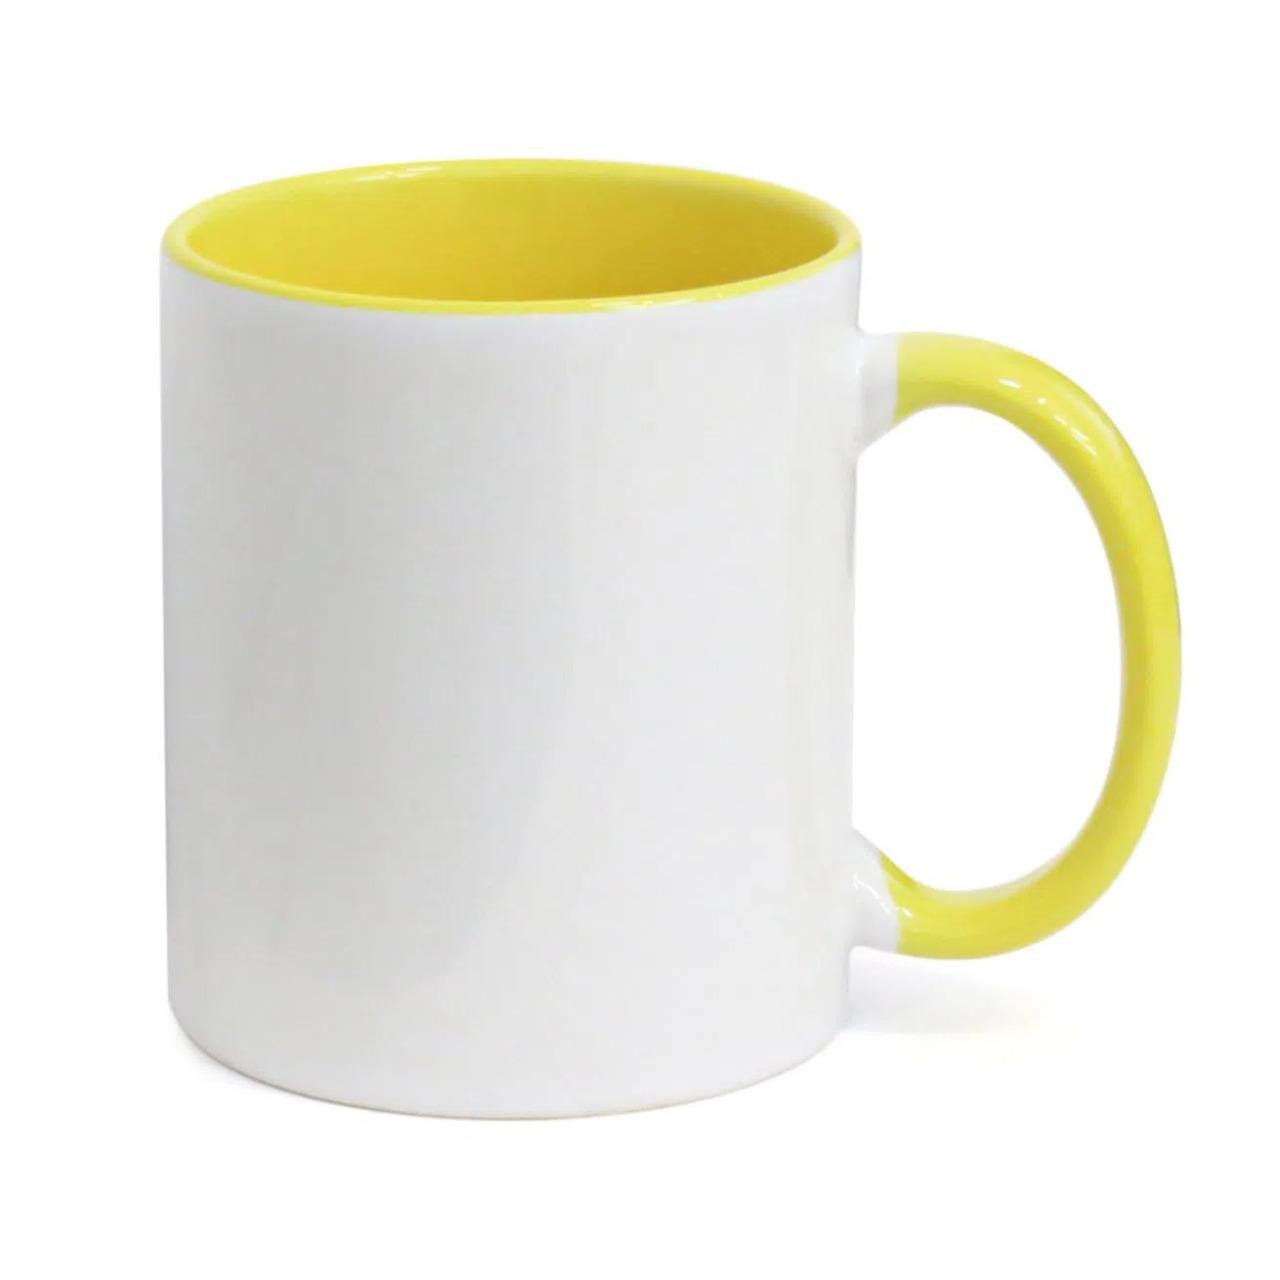 48 Canecas com Interior E Alça Amarela Colorida Porcelana Sublimação 325ml